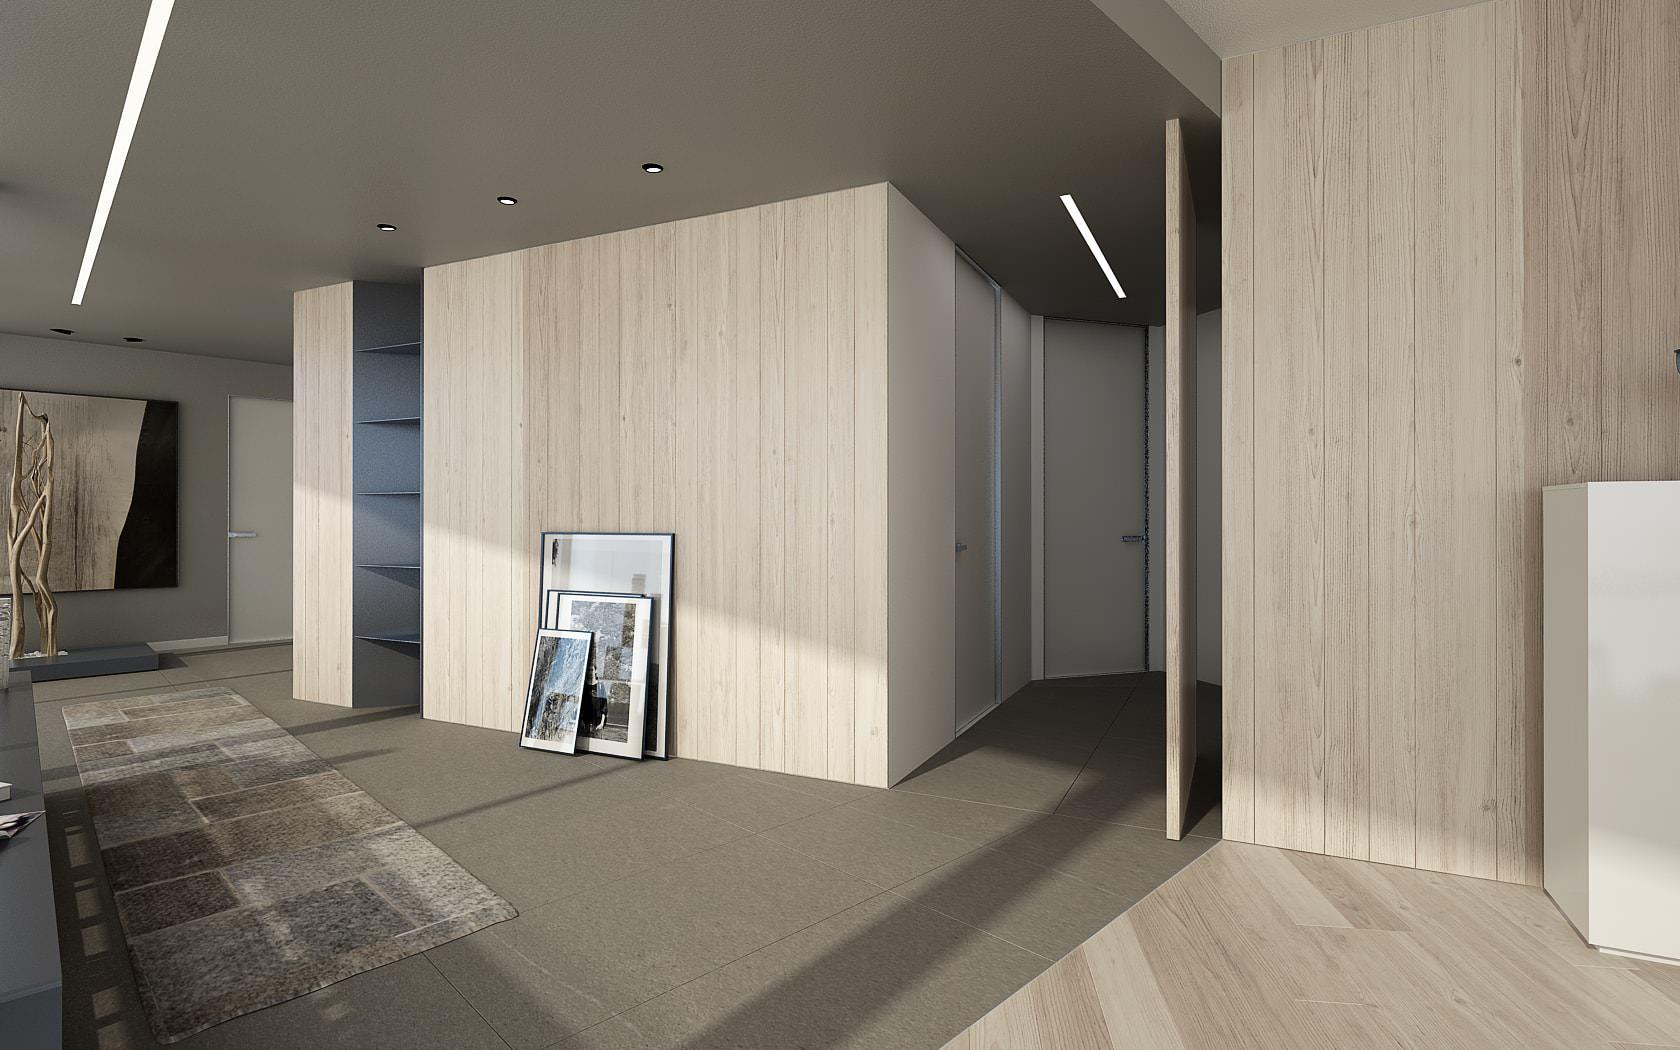 Forme attico stile moderno Lugano Svizzera Ticino